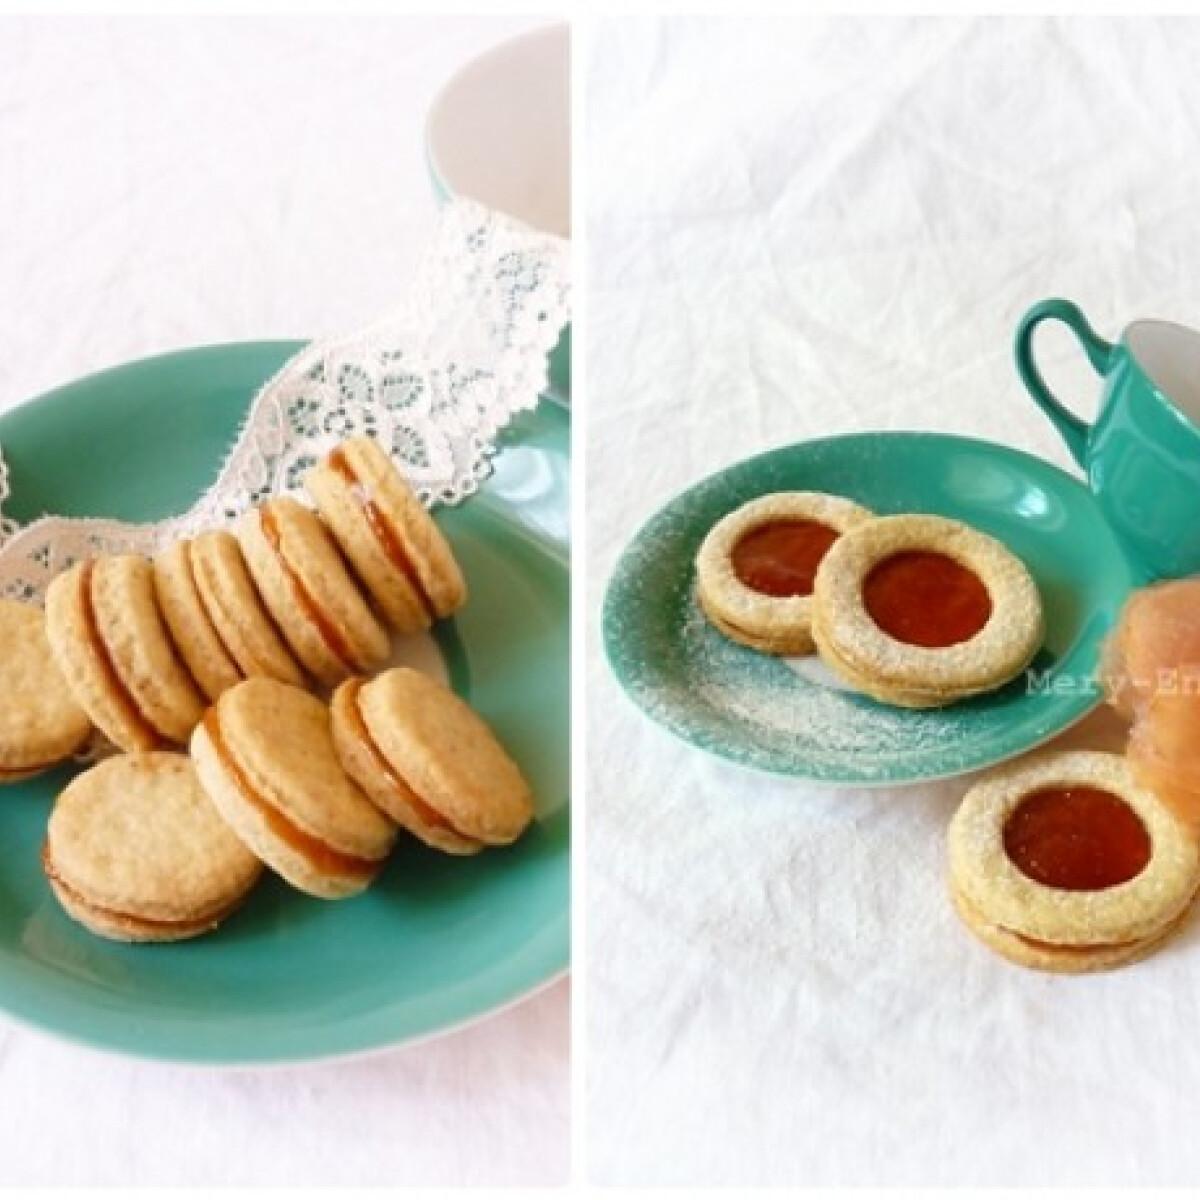 Ezen a képen: Sárgabarackos-diós keksz